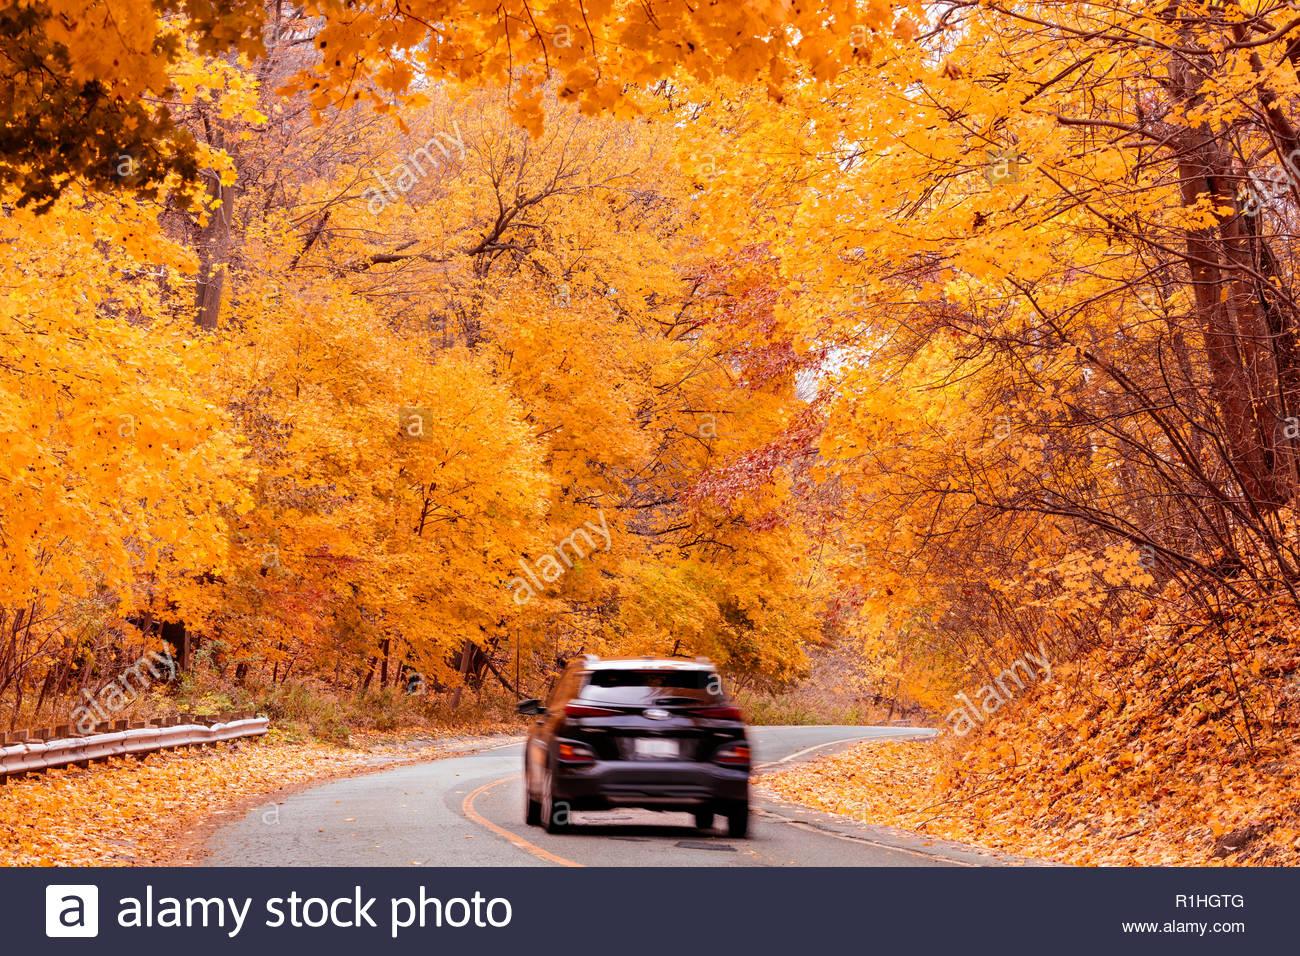 Fahrt Durch Peak Herbst Farbe Strasse Durch Den Ostlichen Laubwaldern